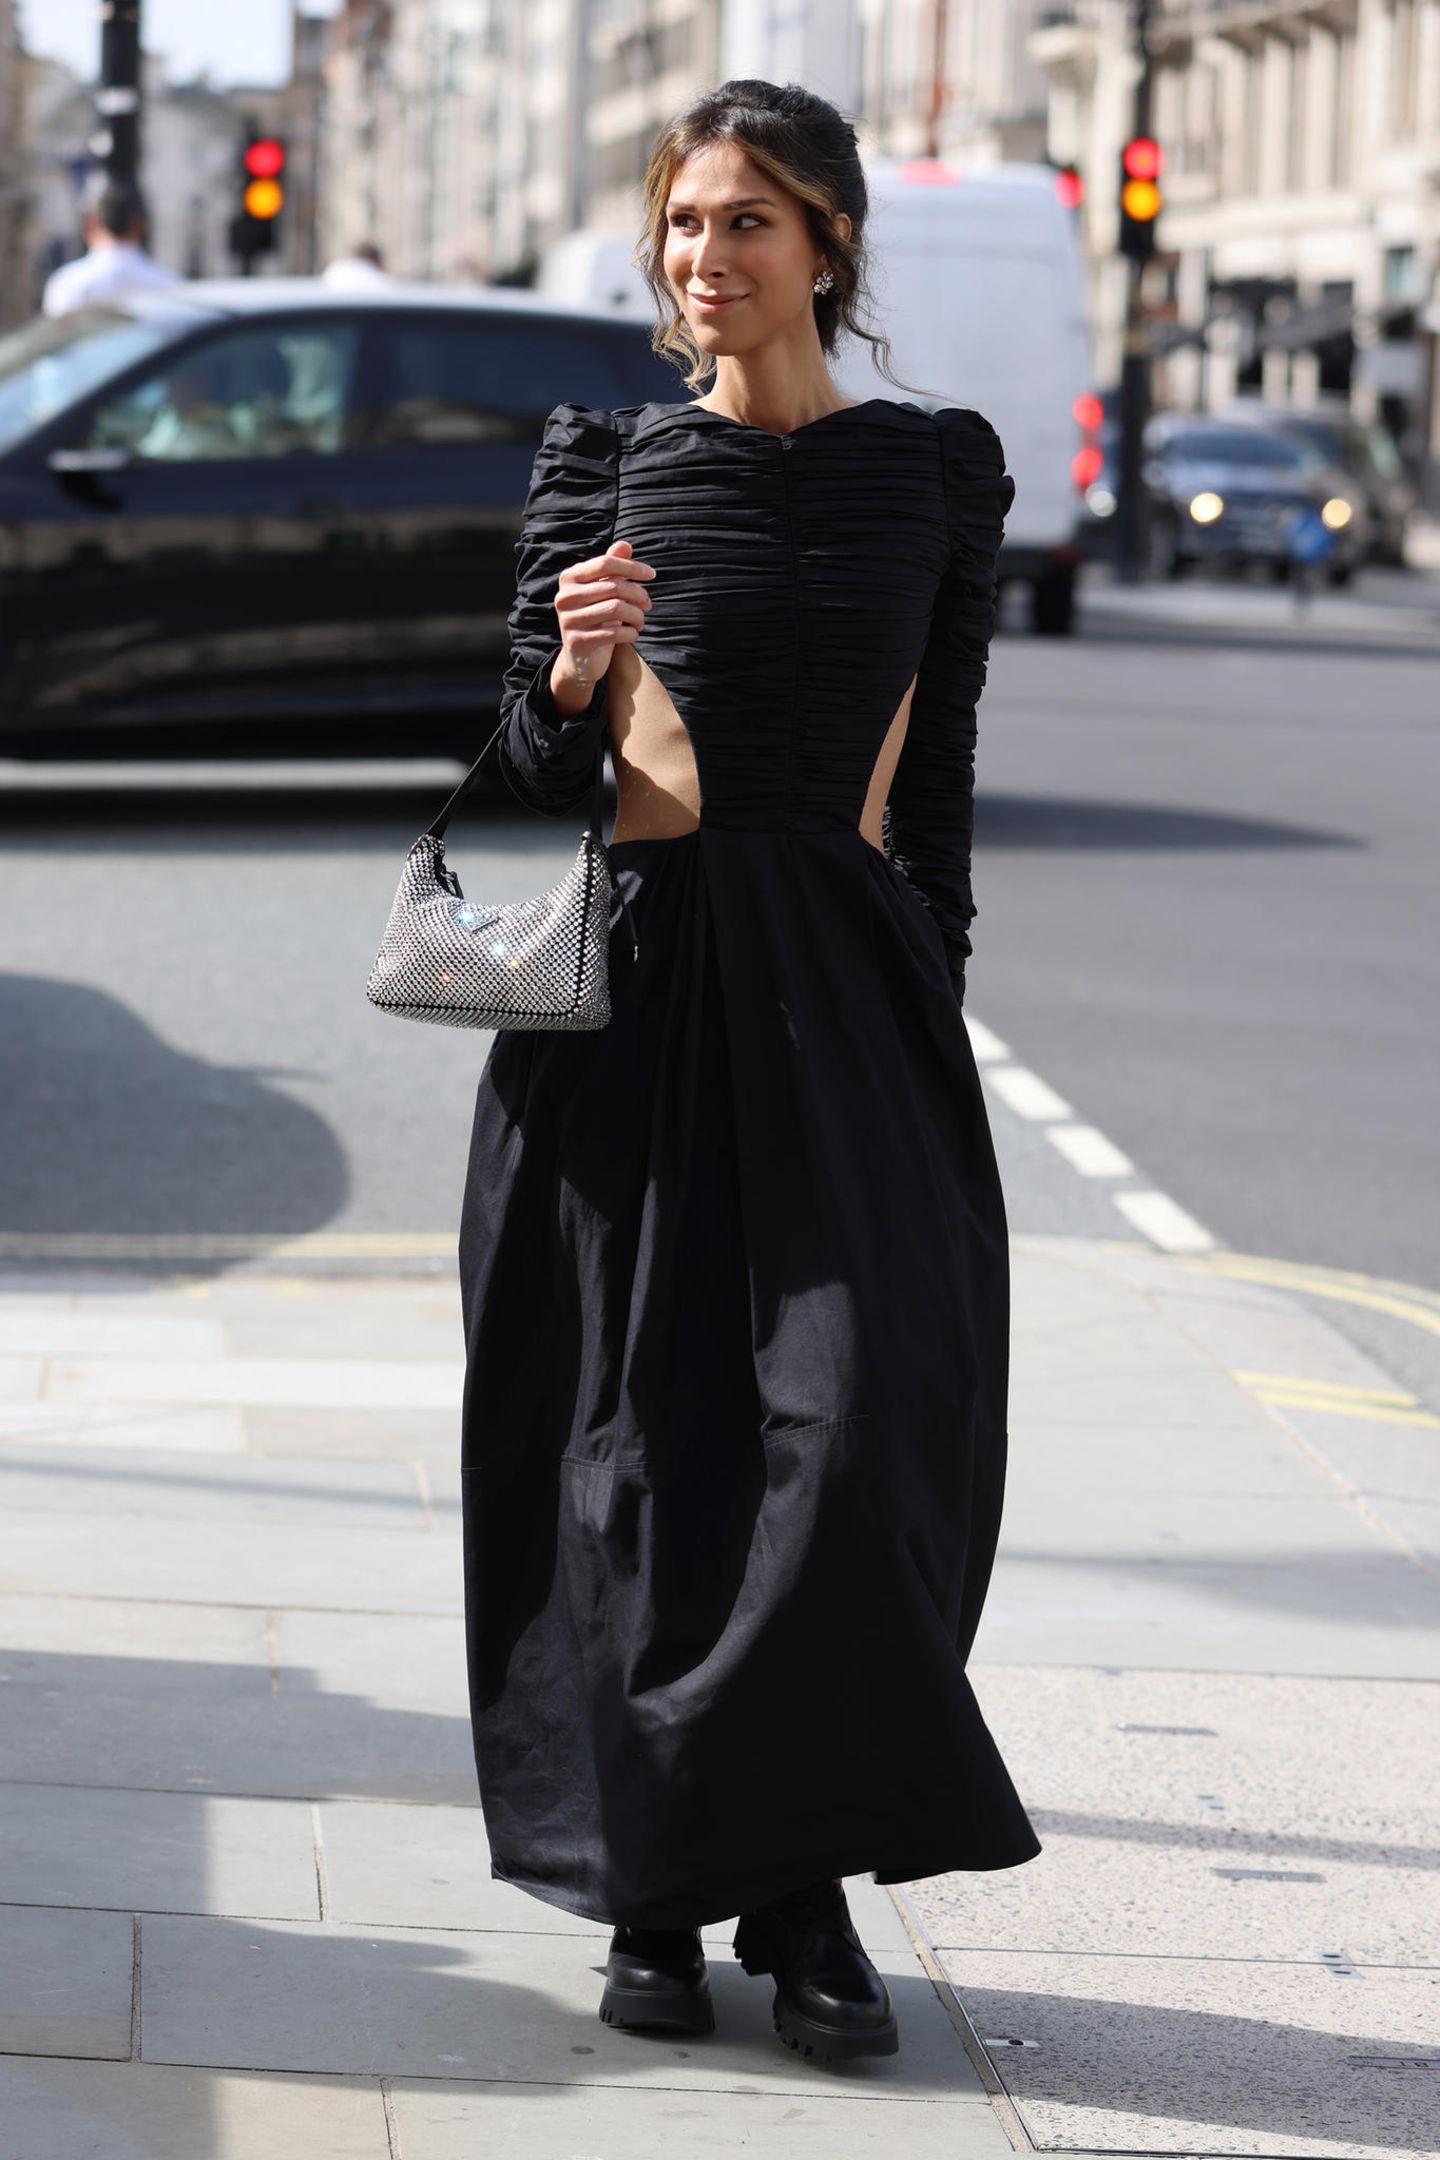 Diese Besucherin verwandelt die Straße zum Laufsteg und zieht mit ihrem Kleid mit seitlichen Cut-Outs alle Blicke auf sich.